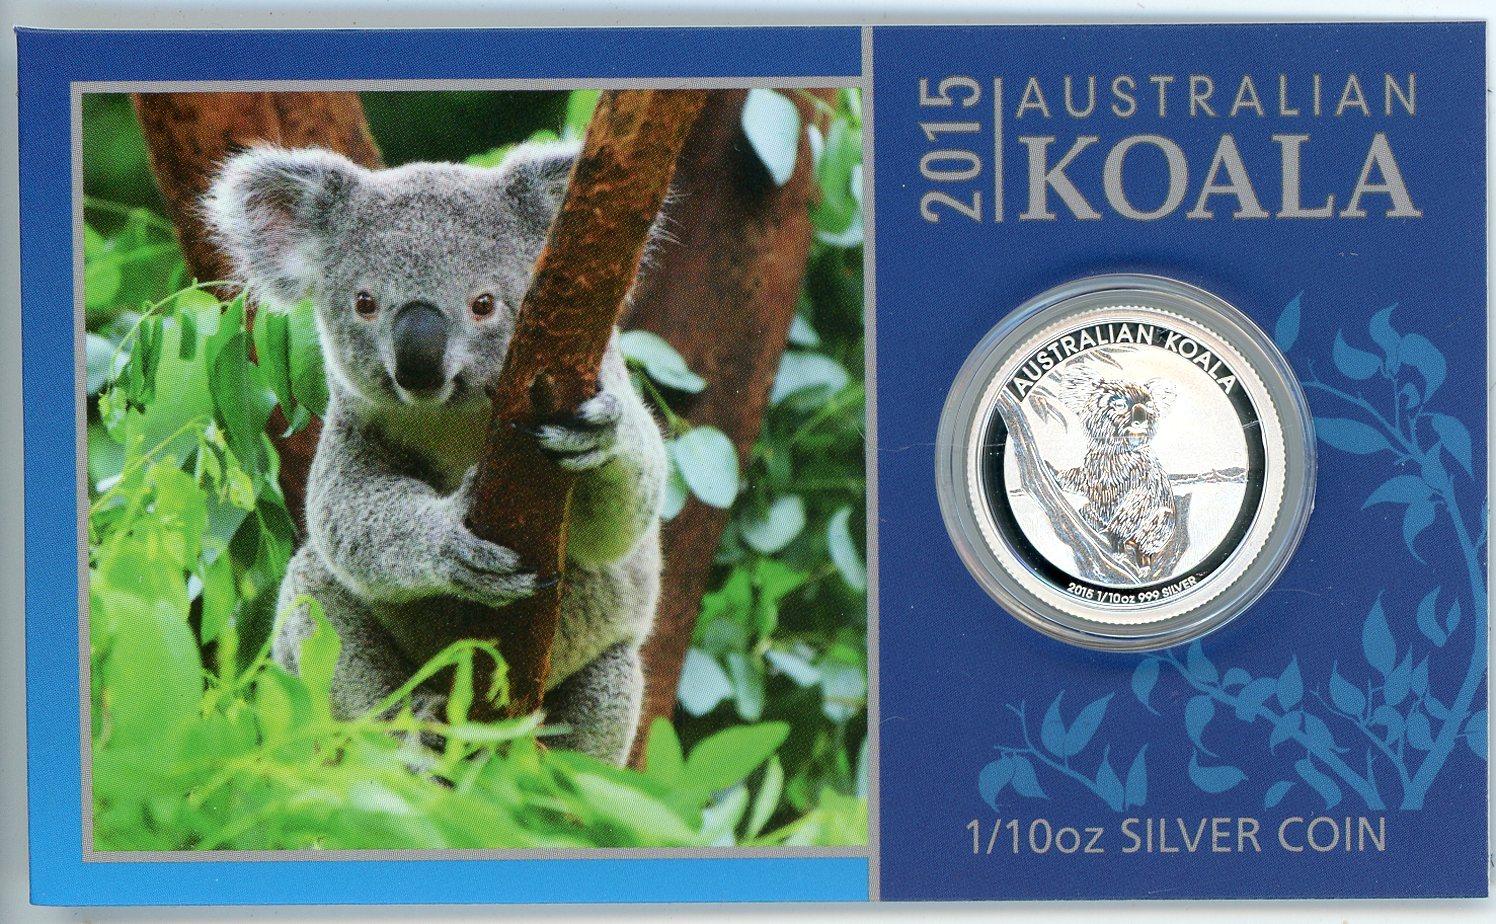 Thumbnail for 2015 One Tenth oz Silver Koala